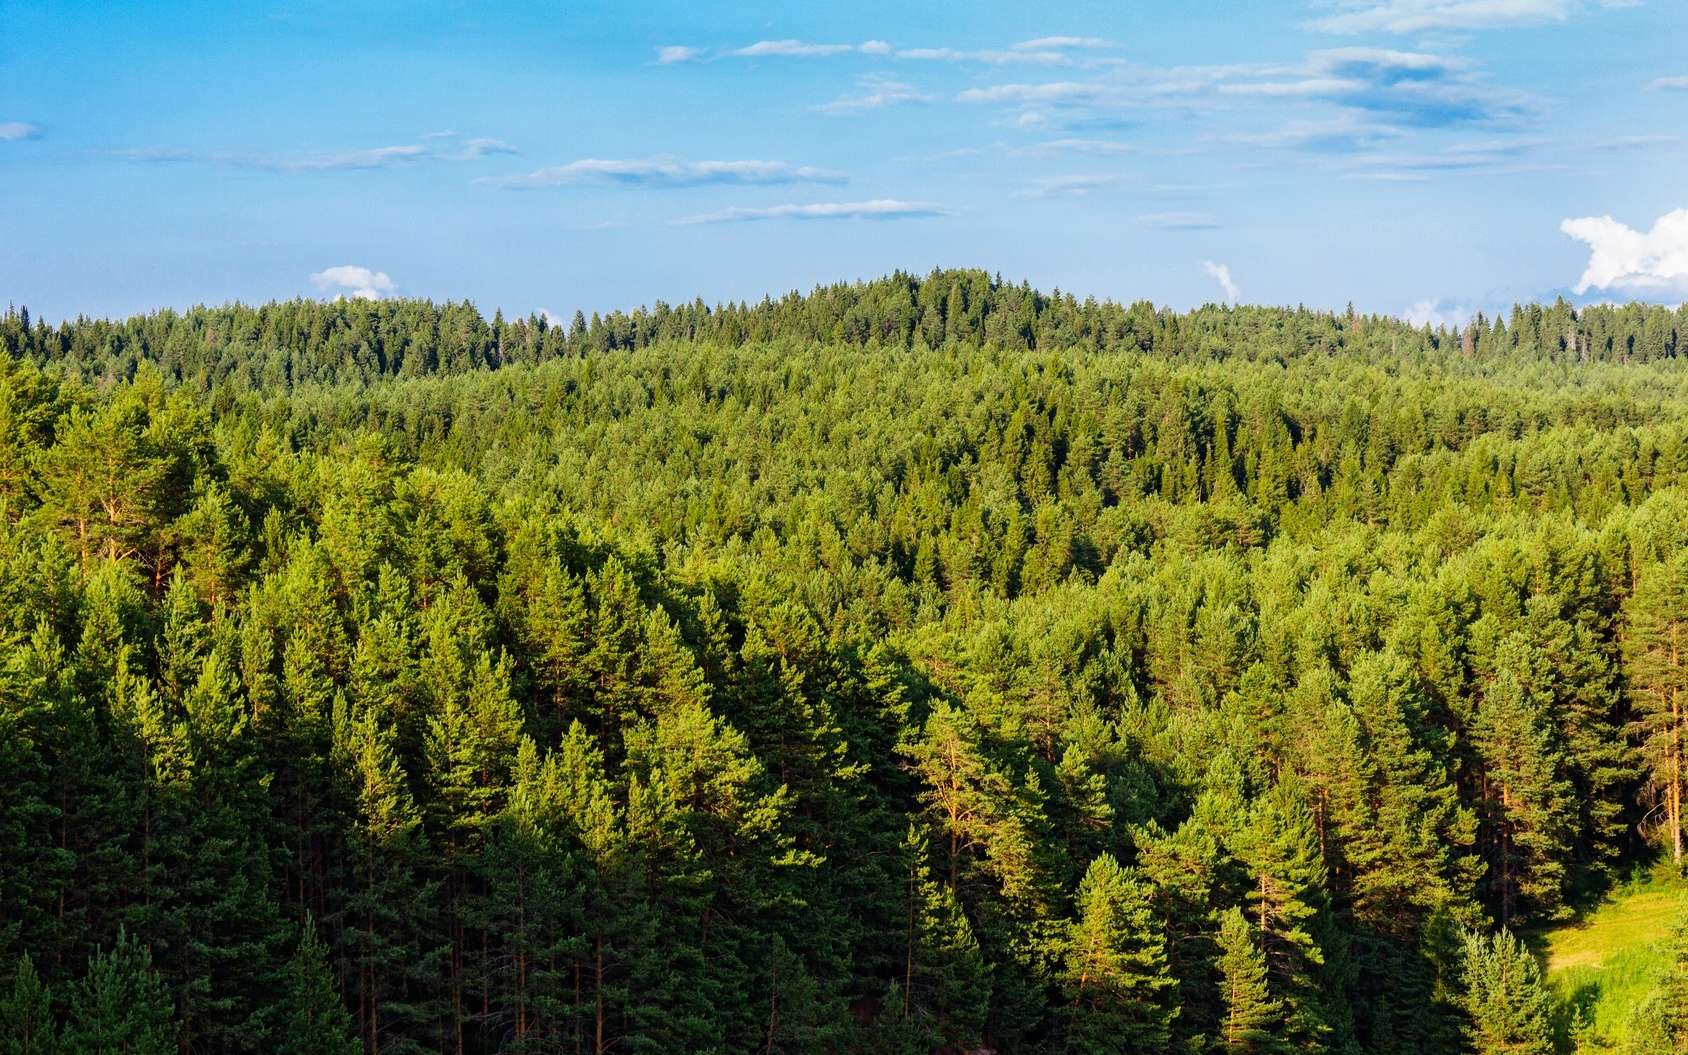 La taïga est une forêt boréale formée principalement de conifères. © Alx_Yago, Fotolia